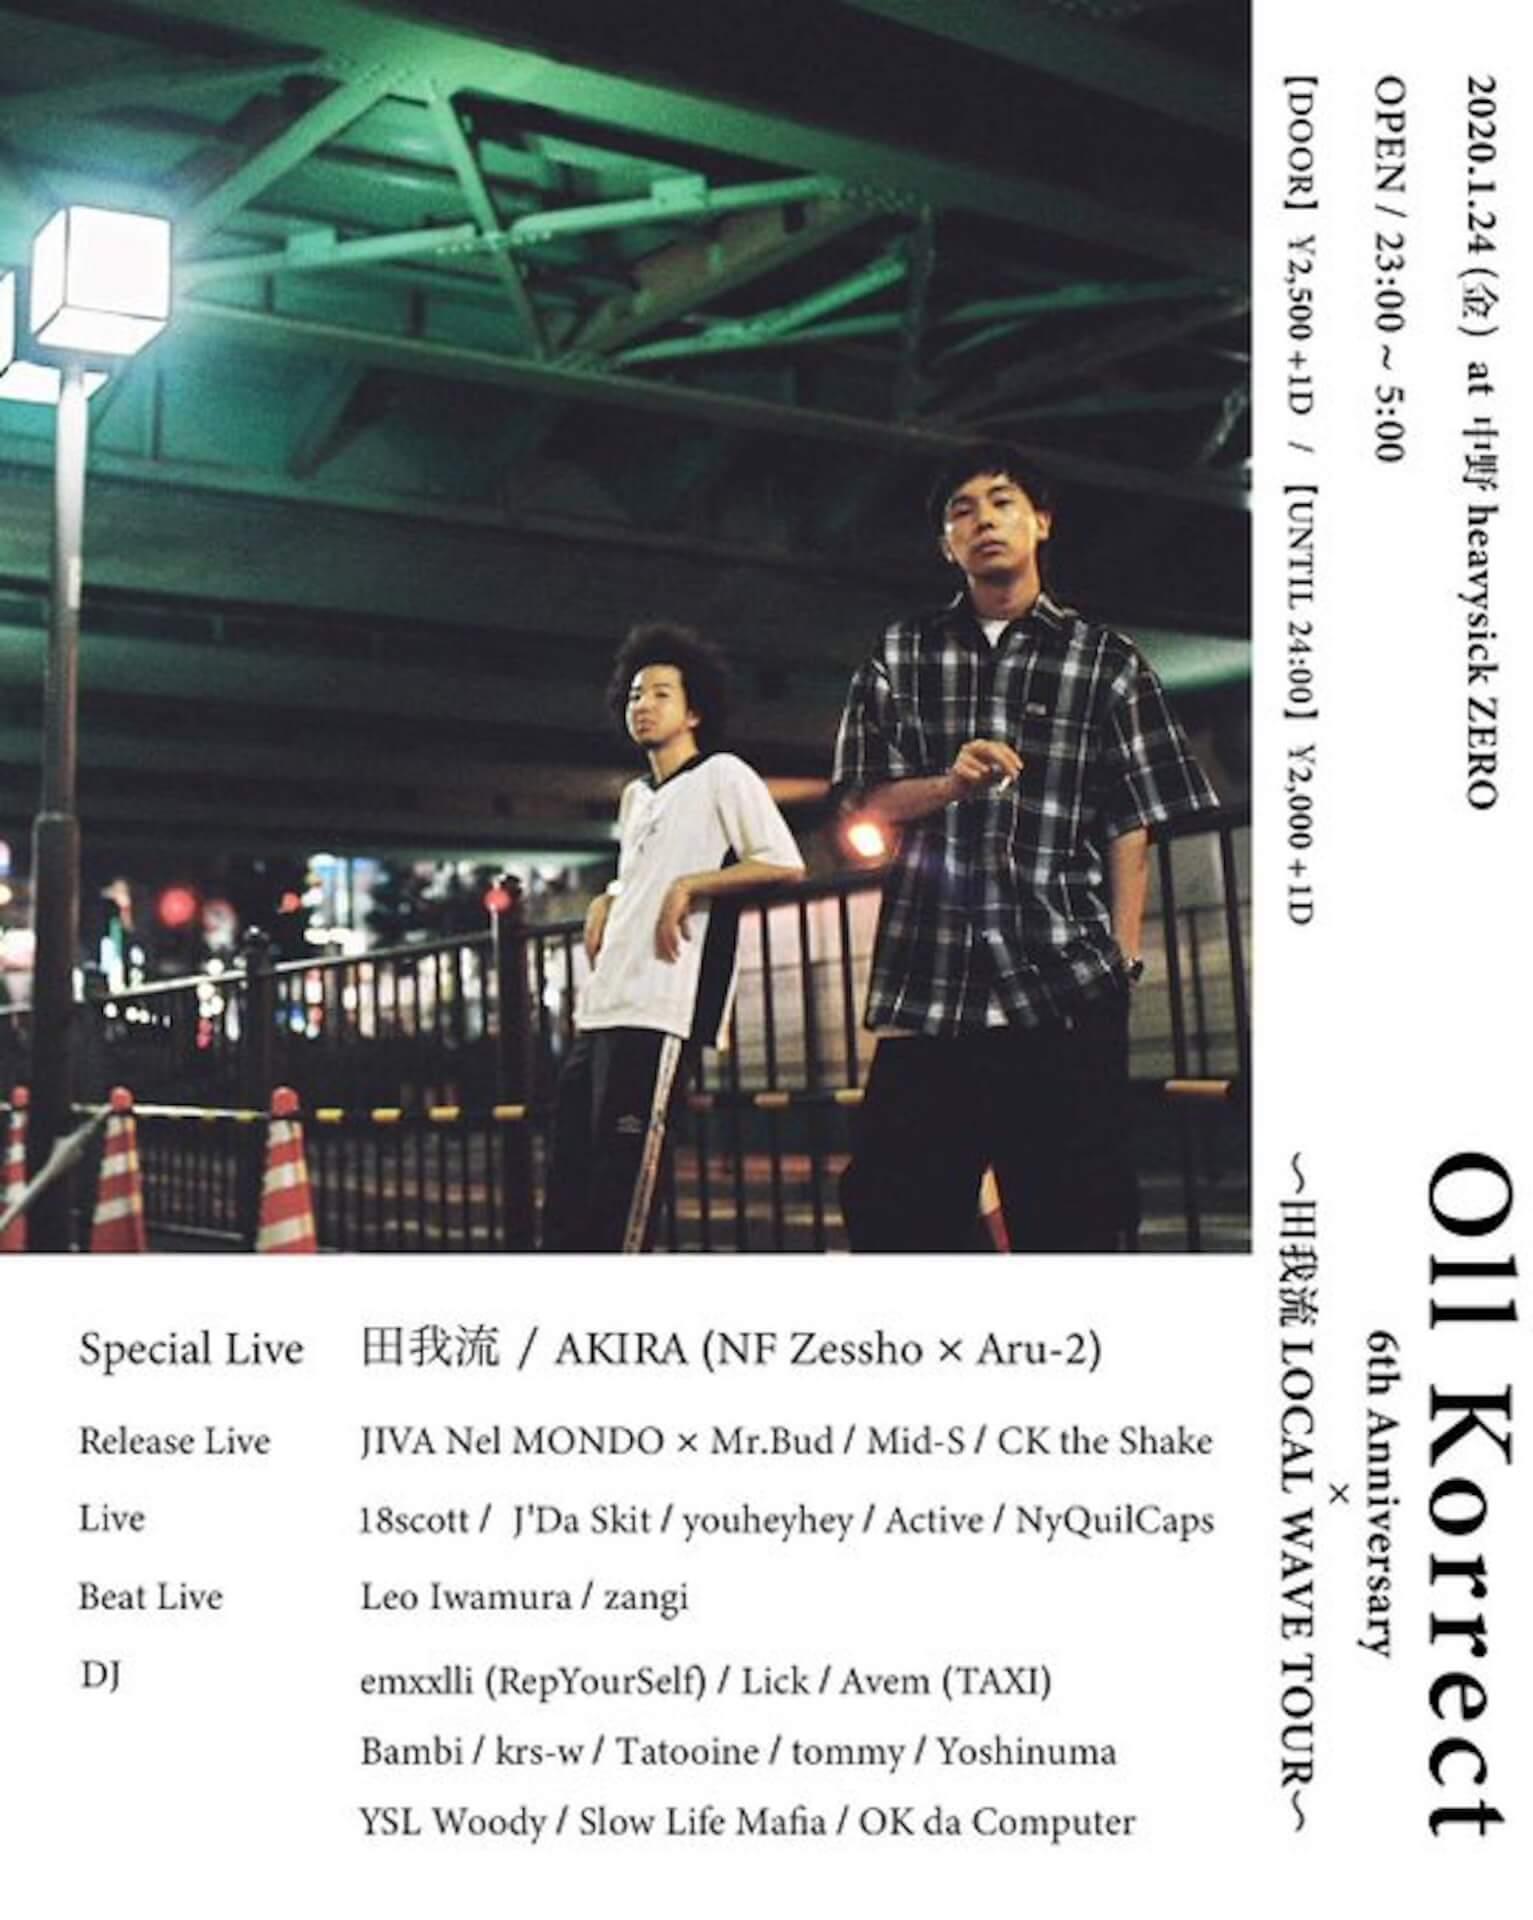 Aru-2とNF Zesshoのコラボアルバム『AKIRA』のインスト・アルバムが配信決定!中野heavysick ZEROでのライブ出演も music200123_akira_3